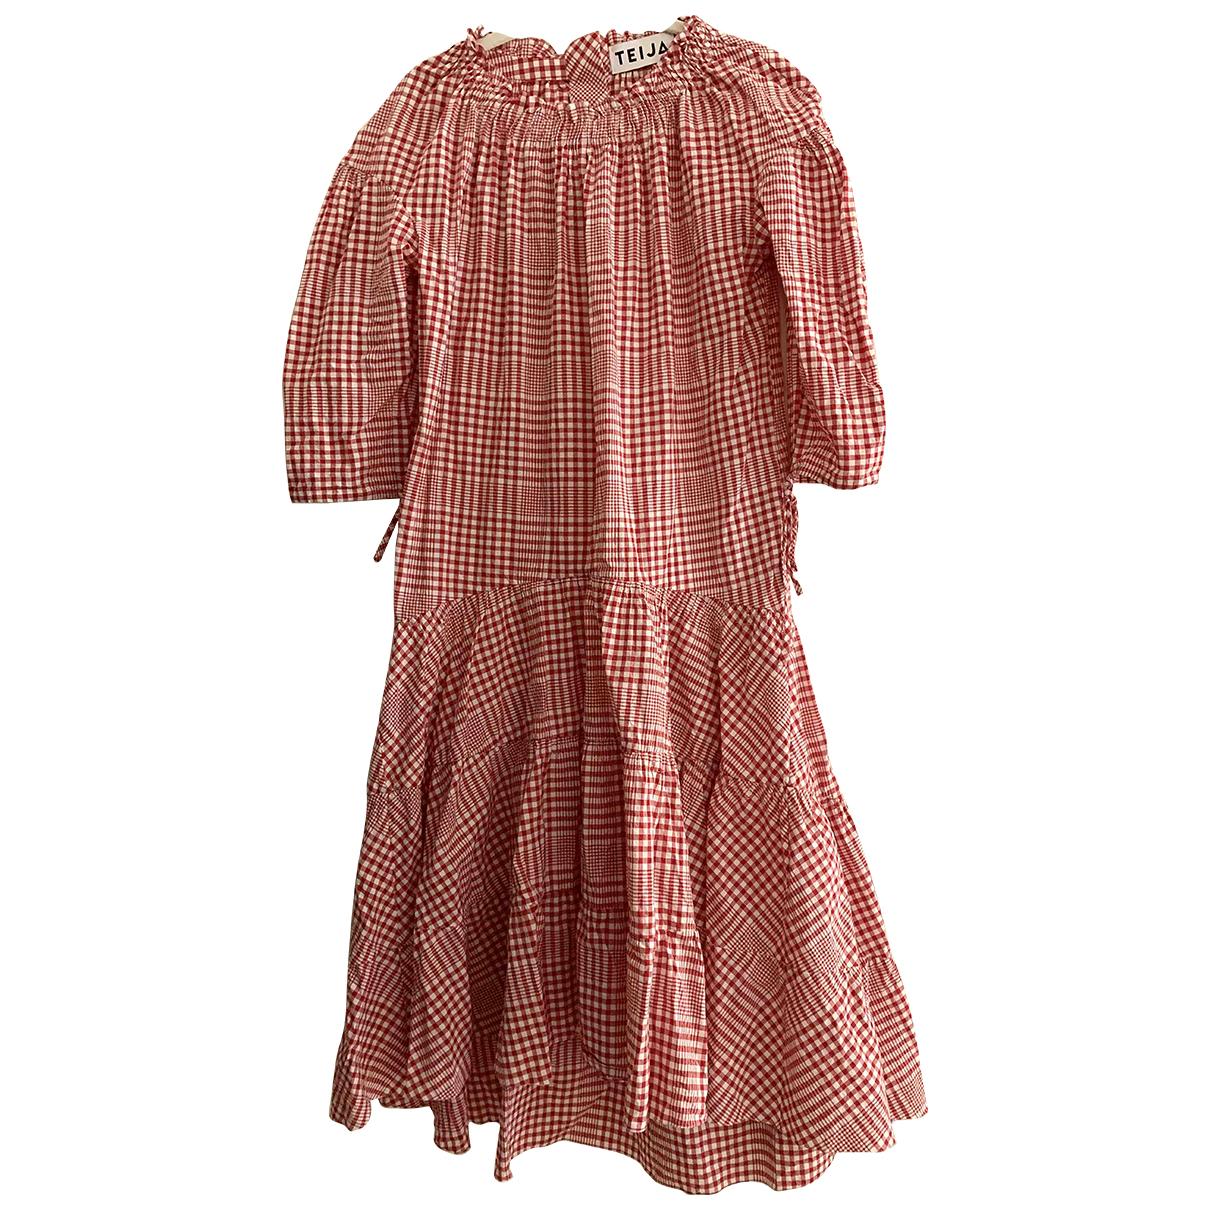 Teija \N Kleid in  Bunt Baumwolle